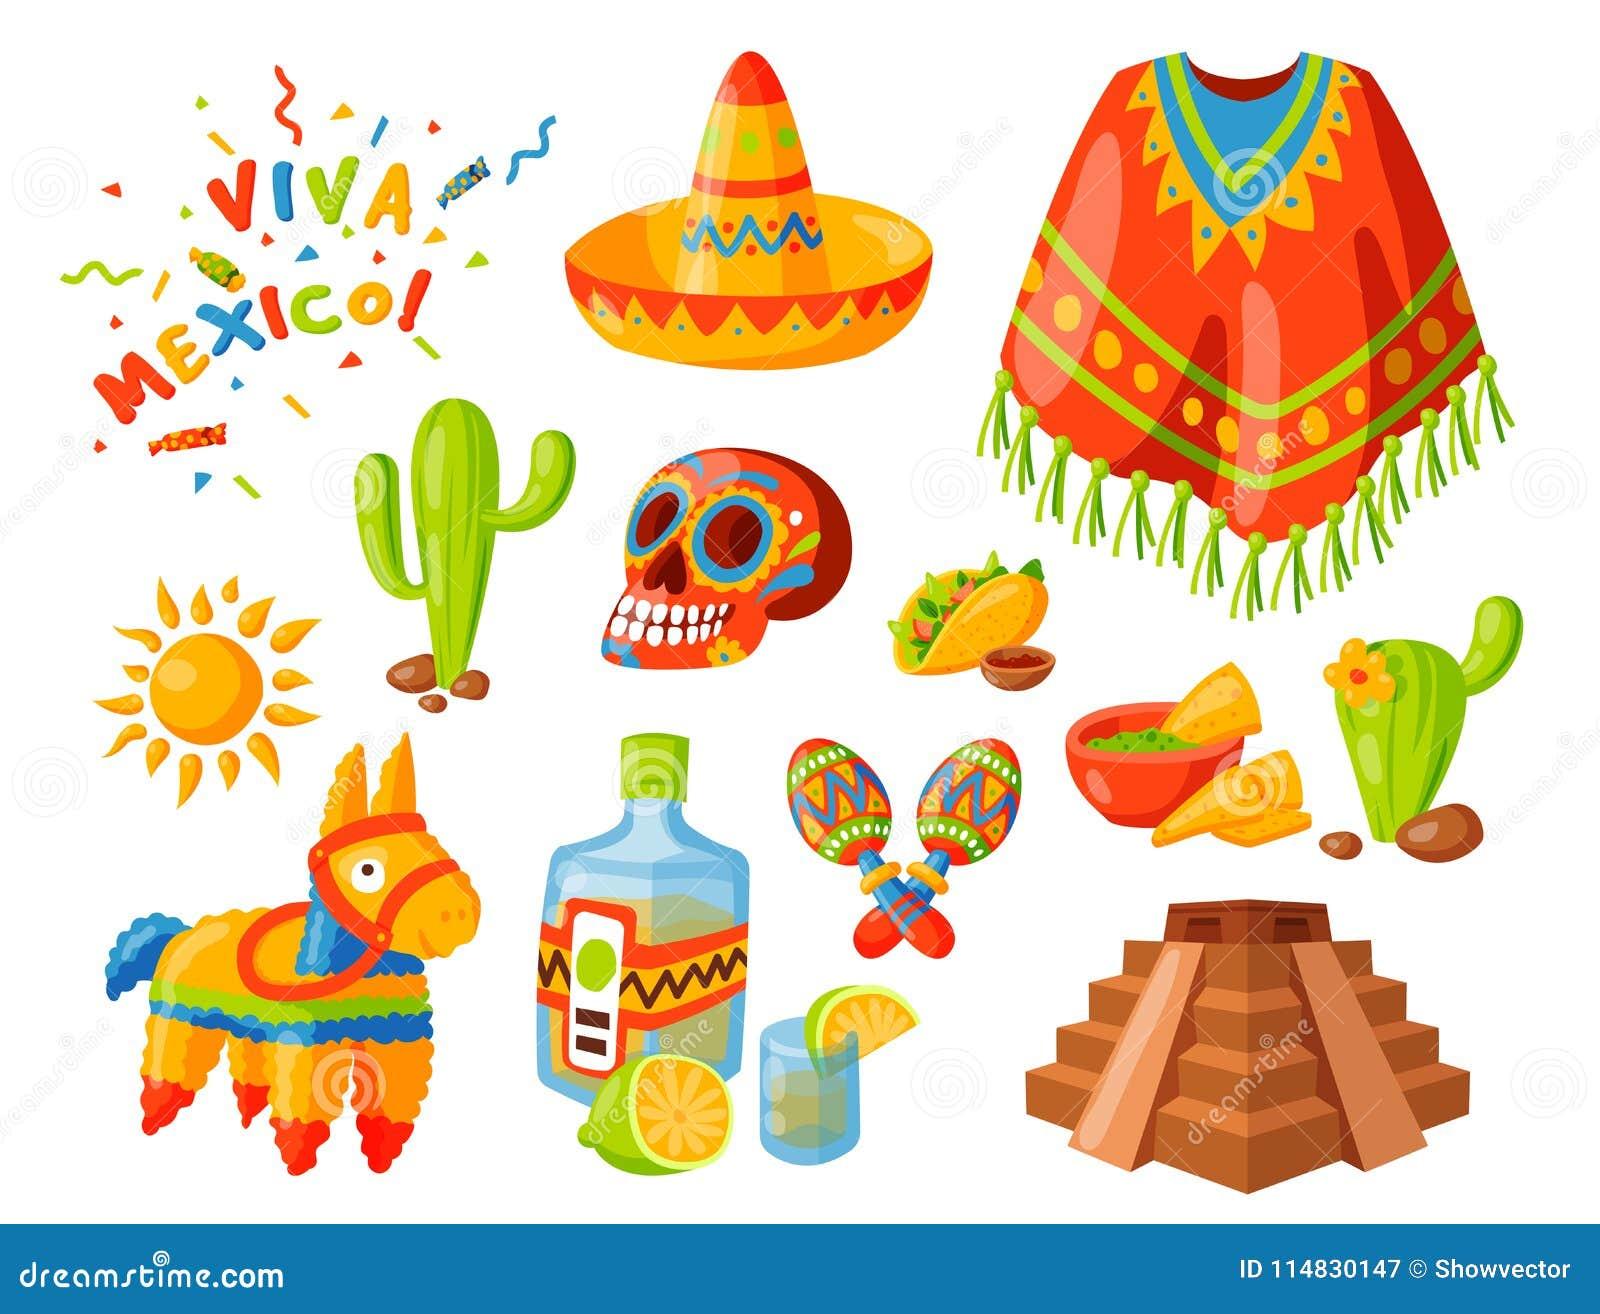 Sombrero för maraca för traditionell grafisk för lopp för illustration för Mexico symbolsvektor för tequila för alkohol för fiest